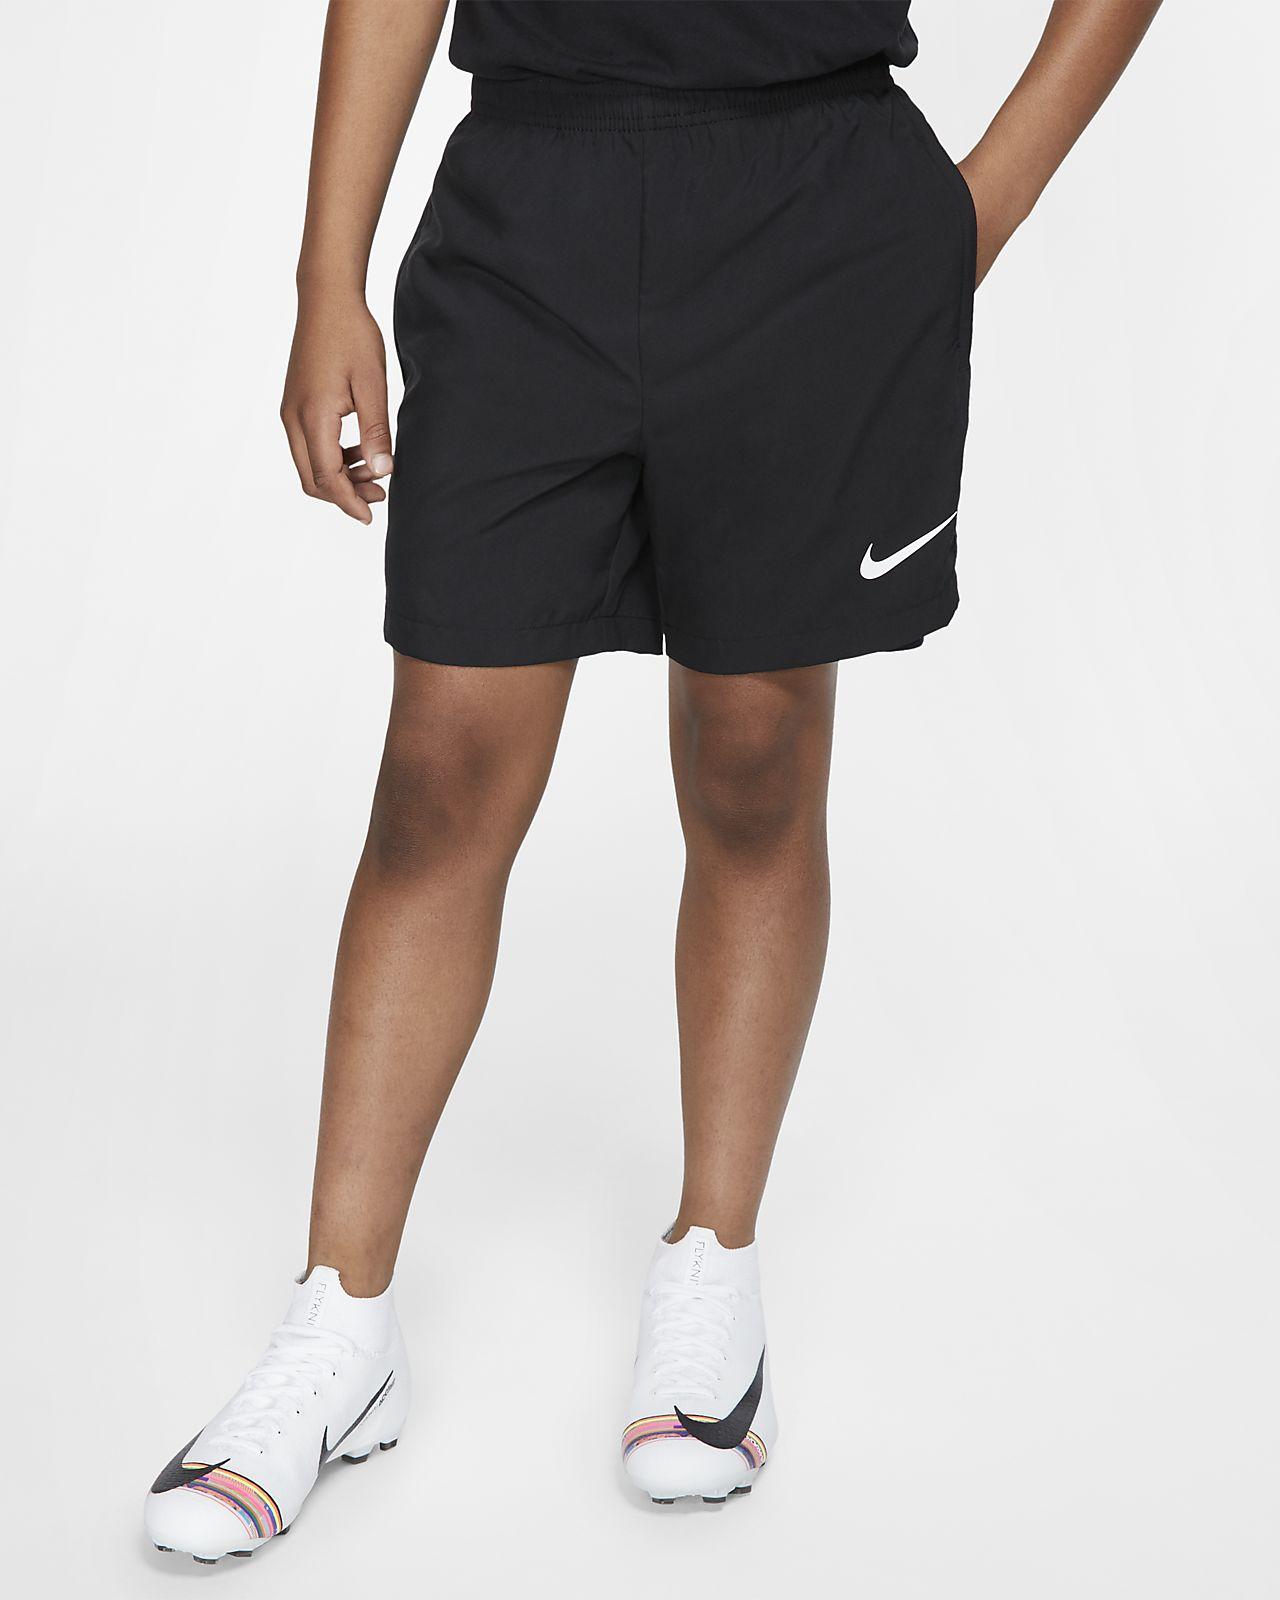 Ποδοσφαιρικό σορτς Nike Dri-FIT Mercurial για μεγάλα παιδιά